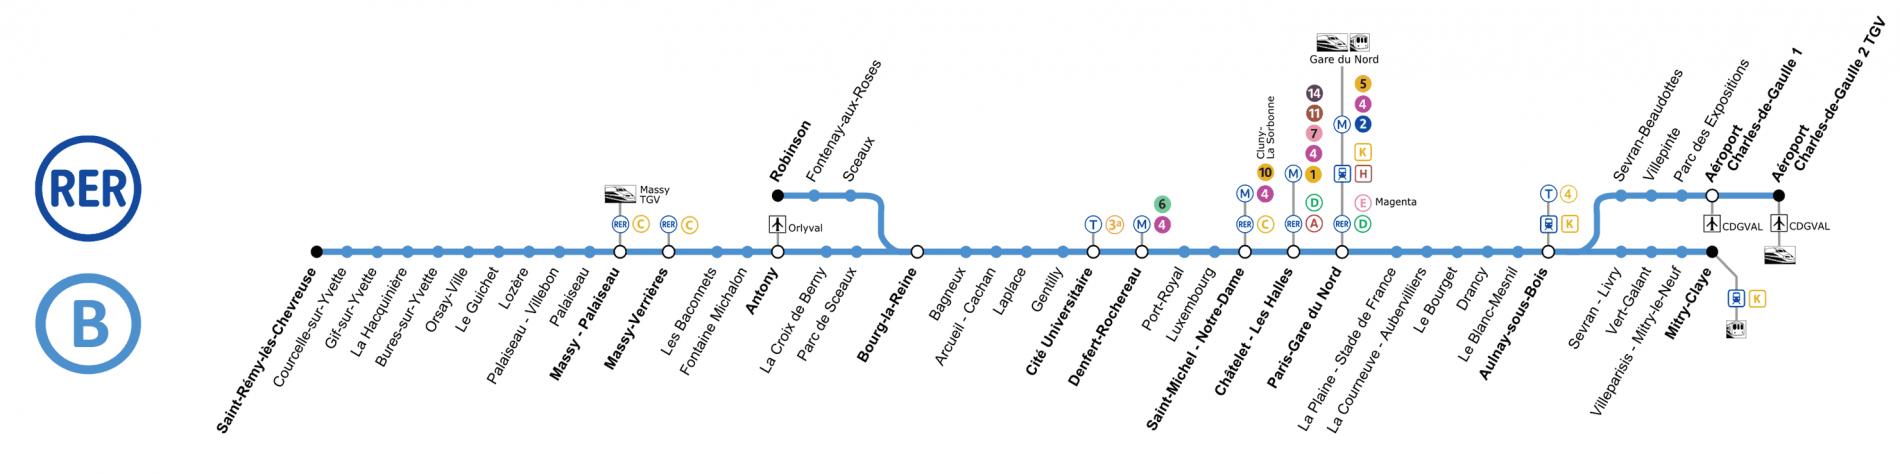 Línea RER B. Cómo llegar desde el aeropuerto Charles de Gaulle al centro de París